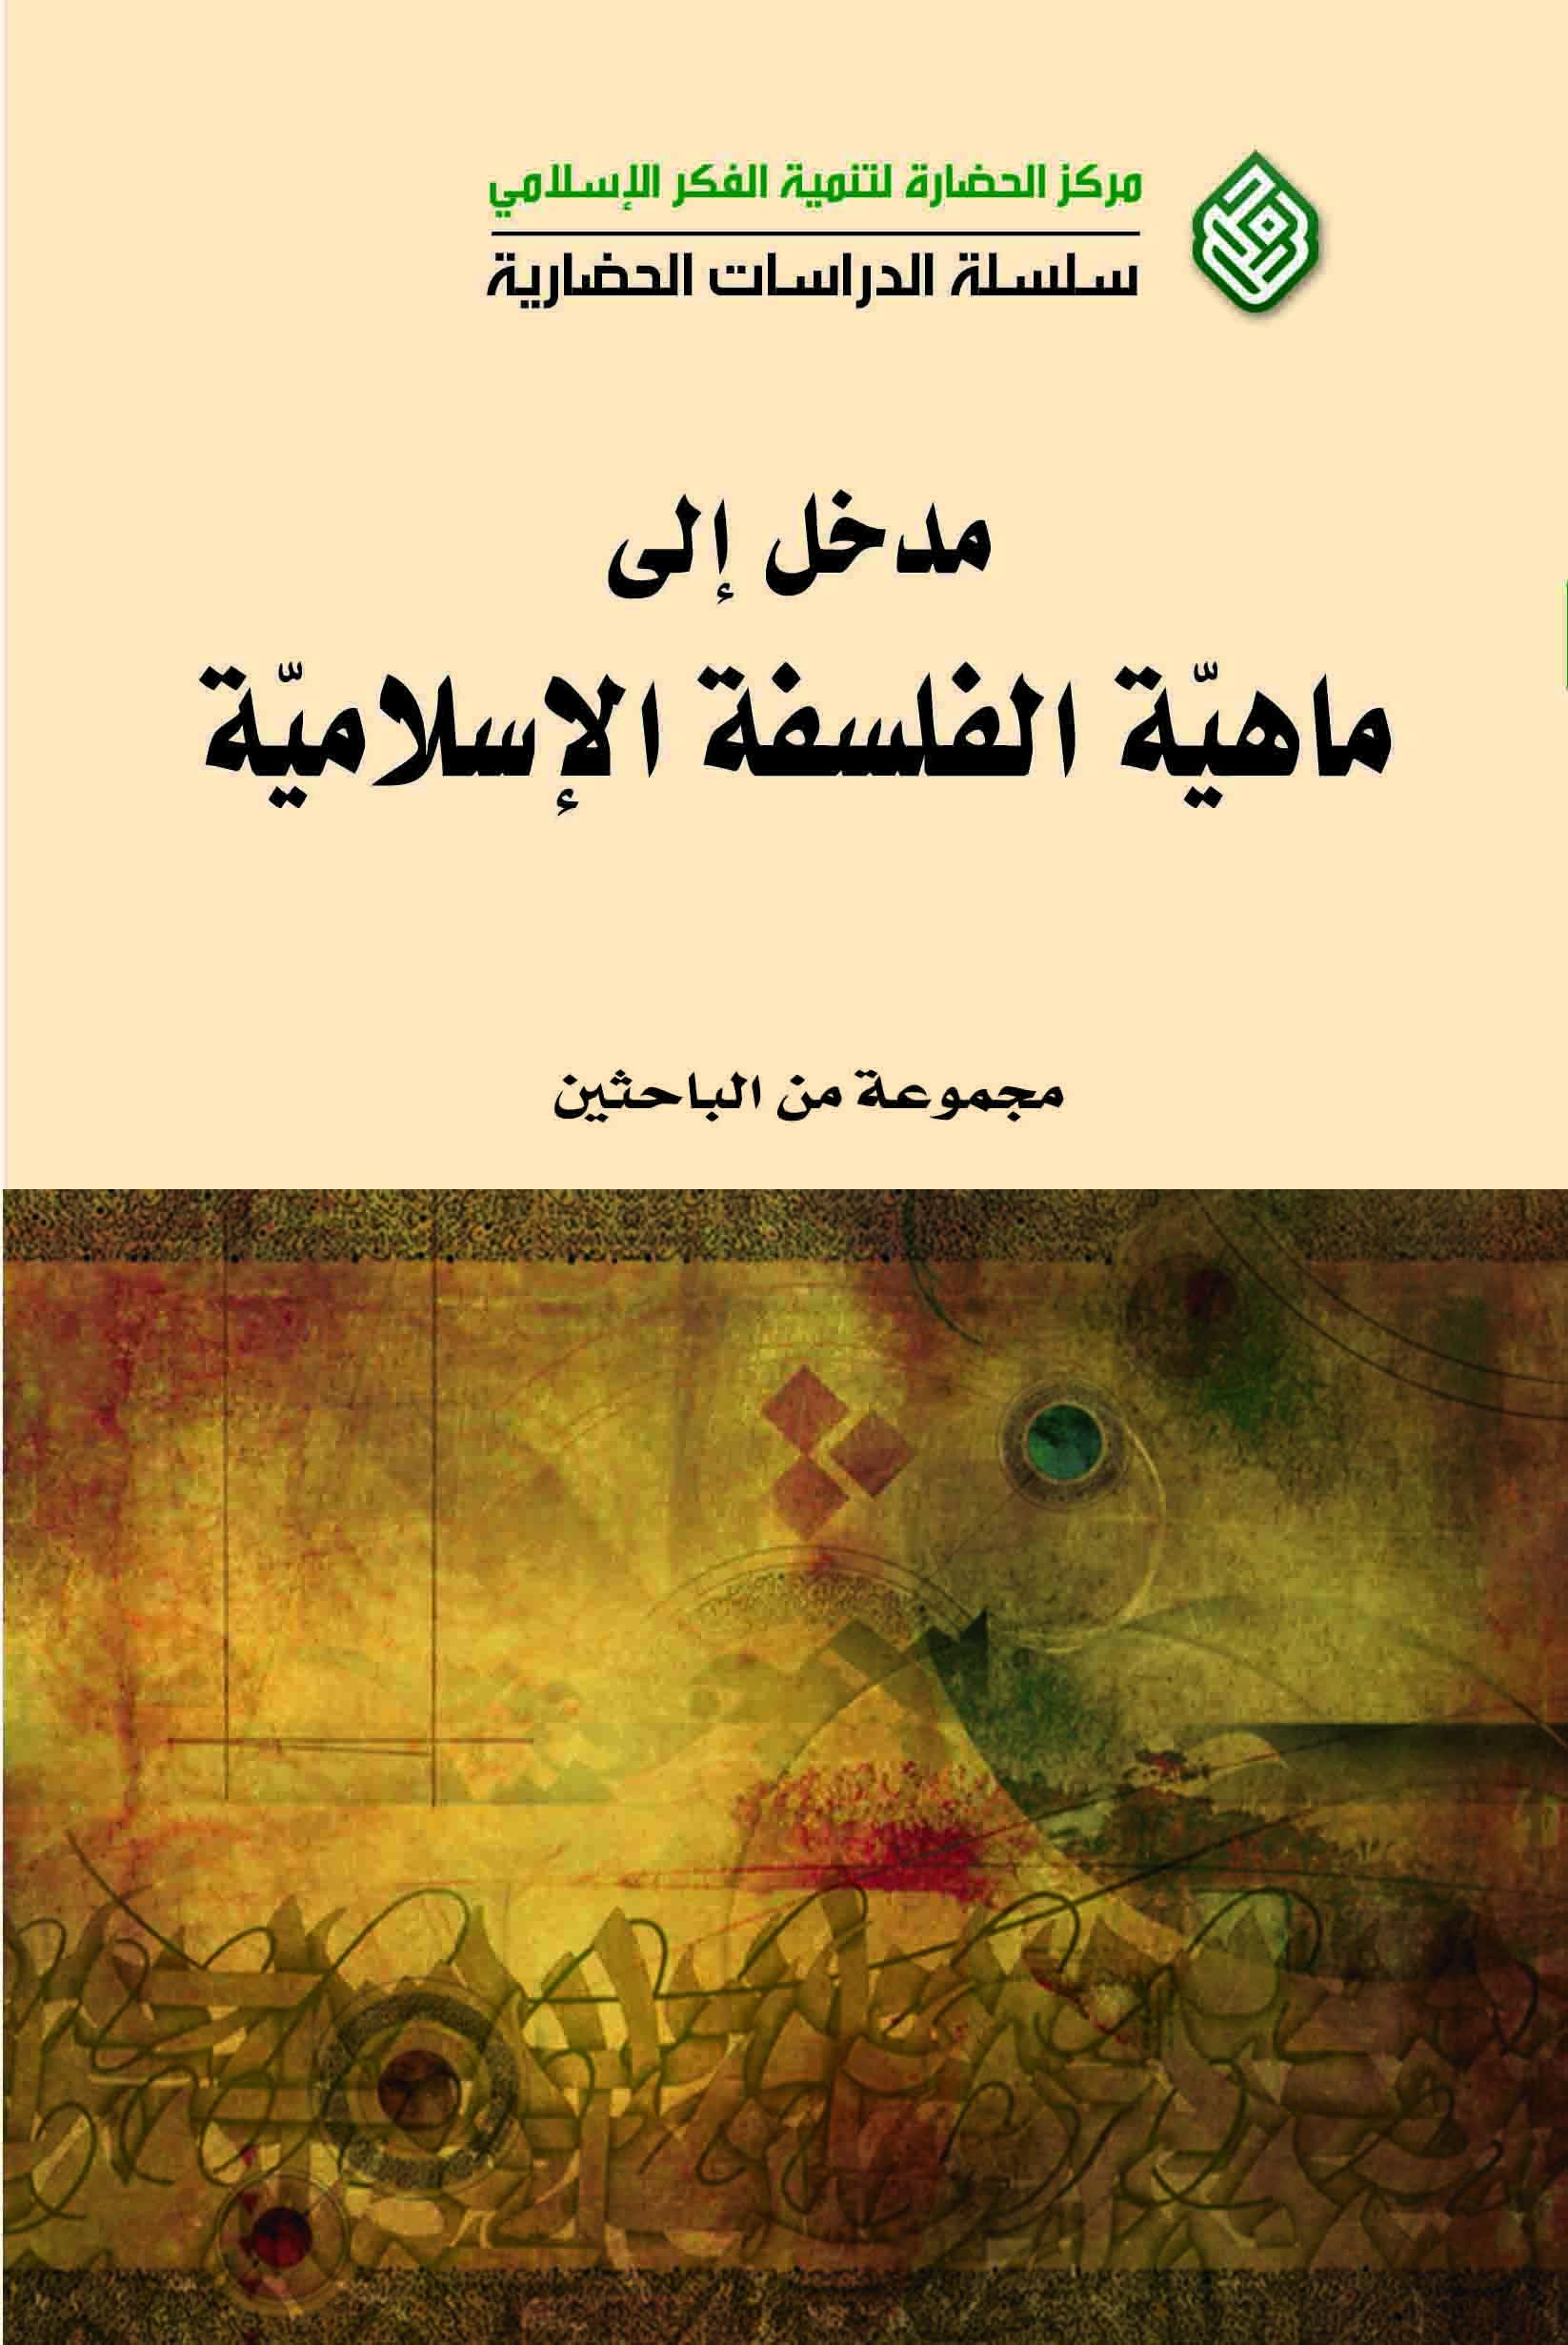 """كتاب جديد عن """"مركز الحضارة"""": مدخل الى ماهية الفلسفة الإسلامية"""